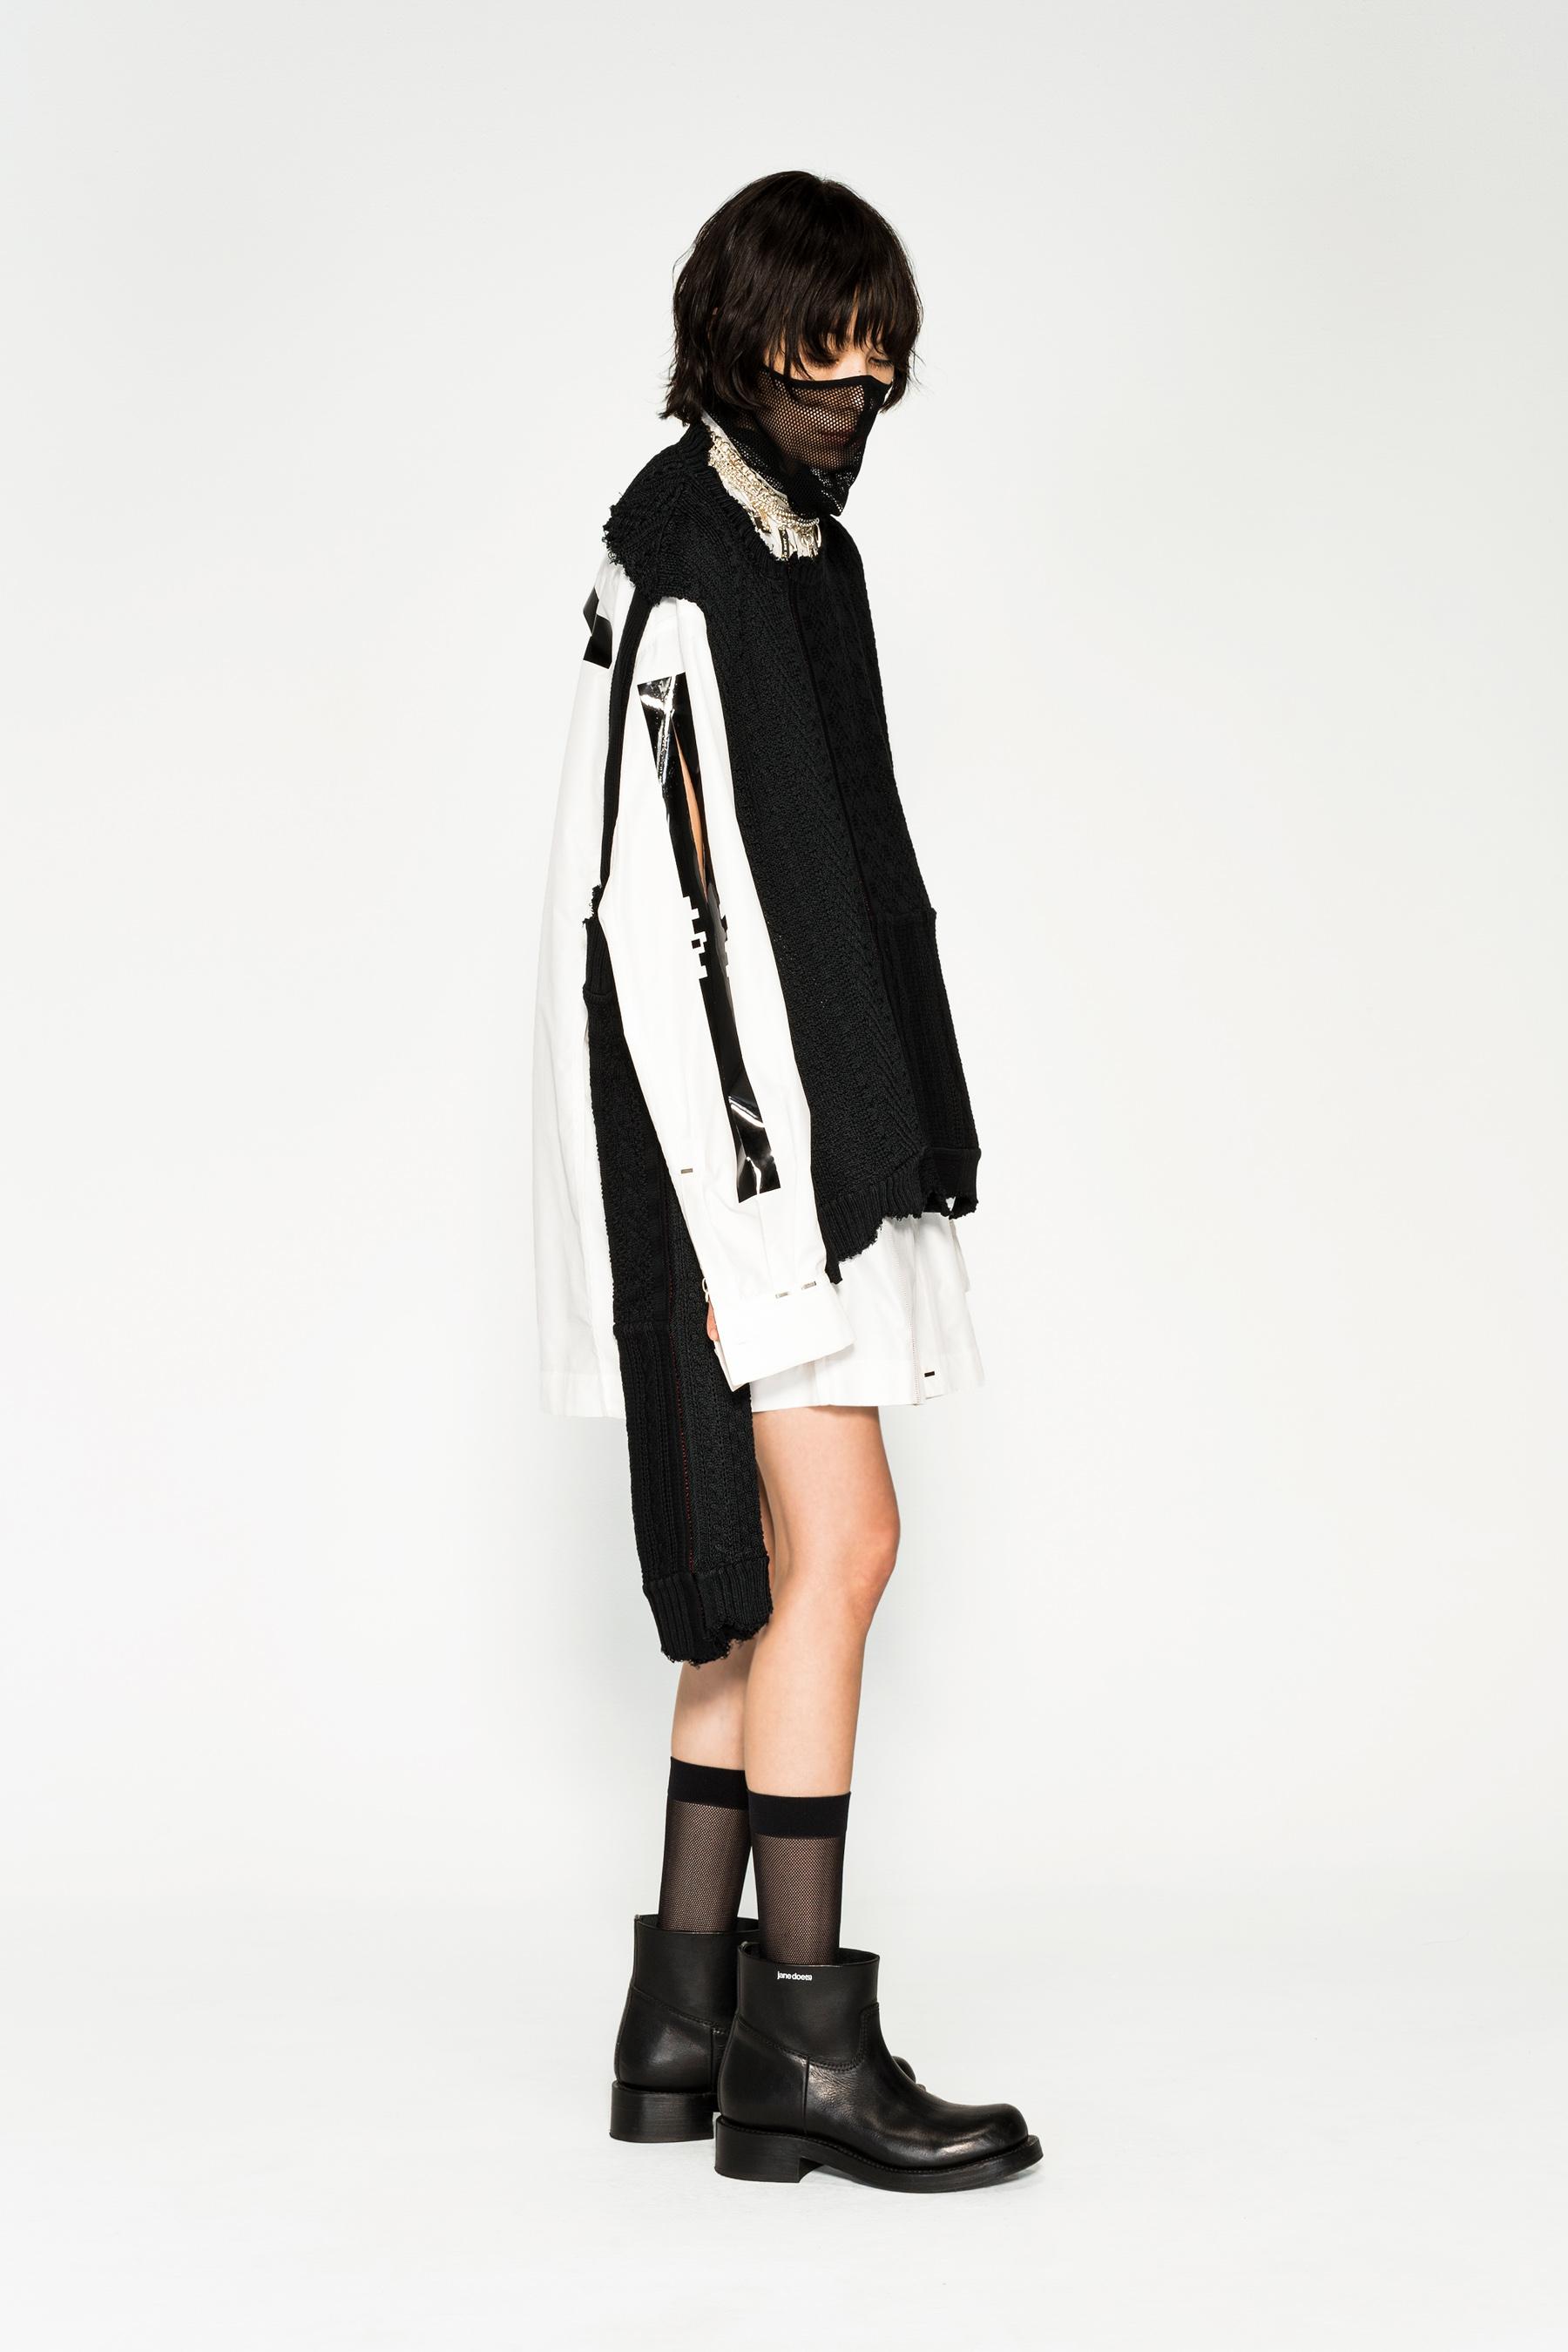 Takahiromiyashita The Soloist Spring 2021 Fashion Show